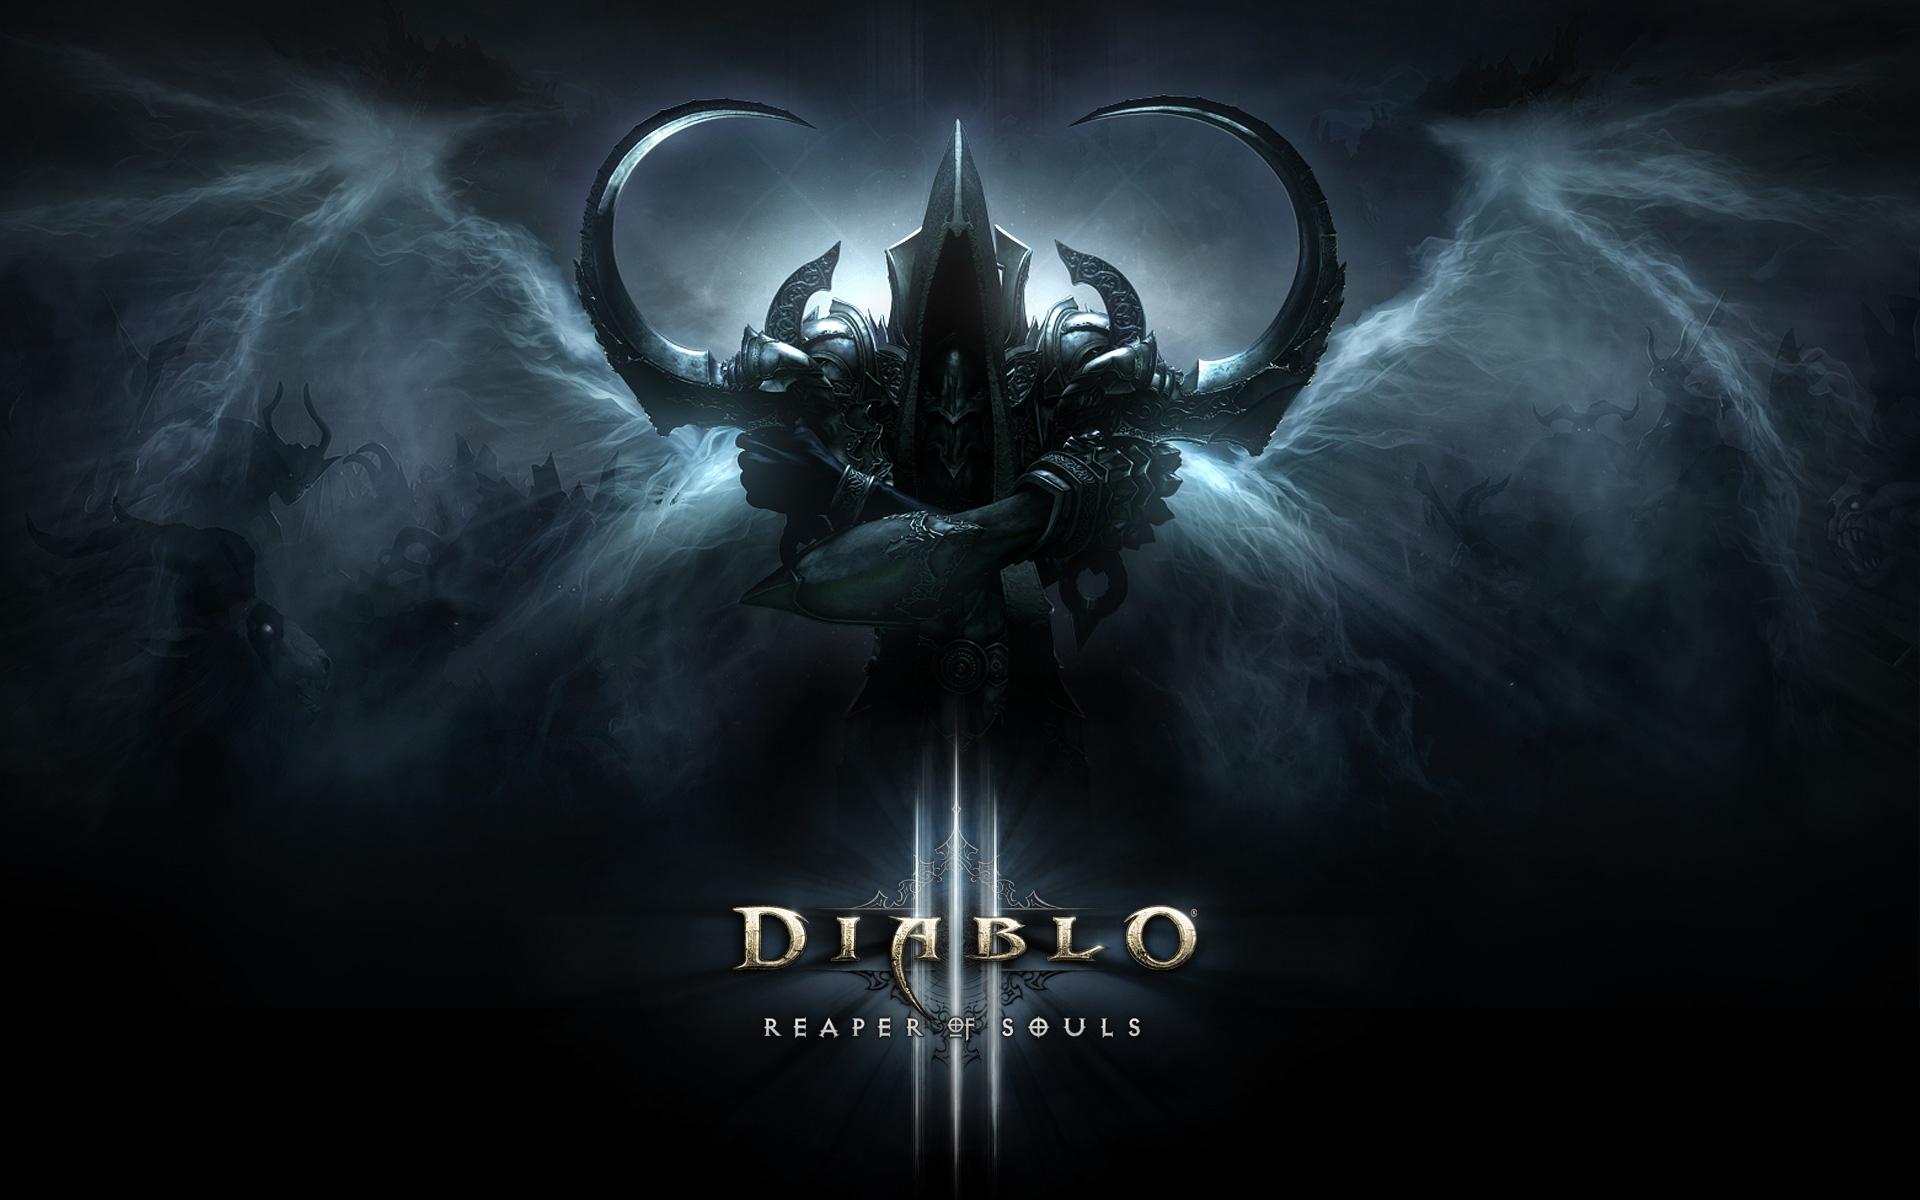 Diablo Iii Reaper Of Souls Hd Wallpaper Background Image